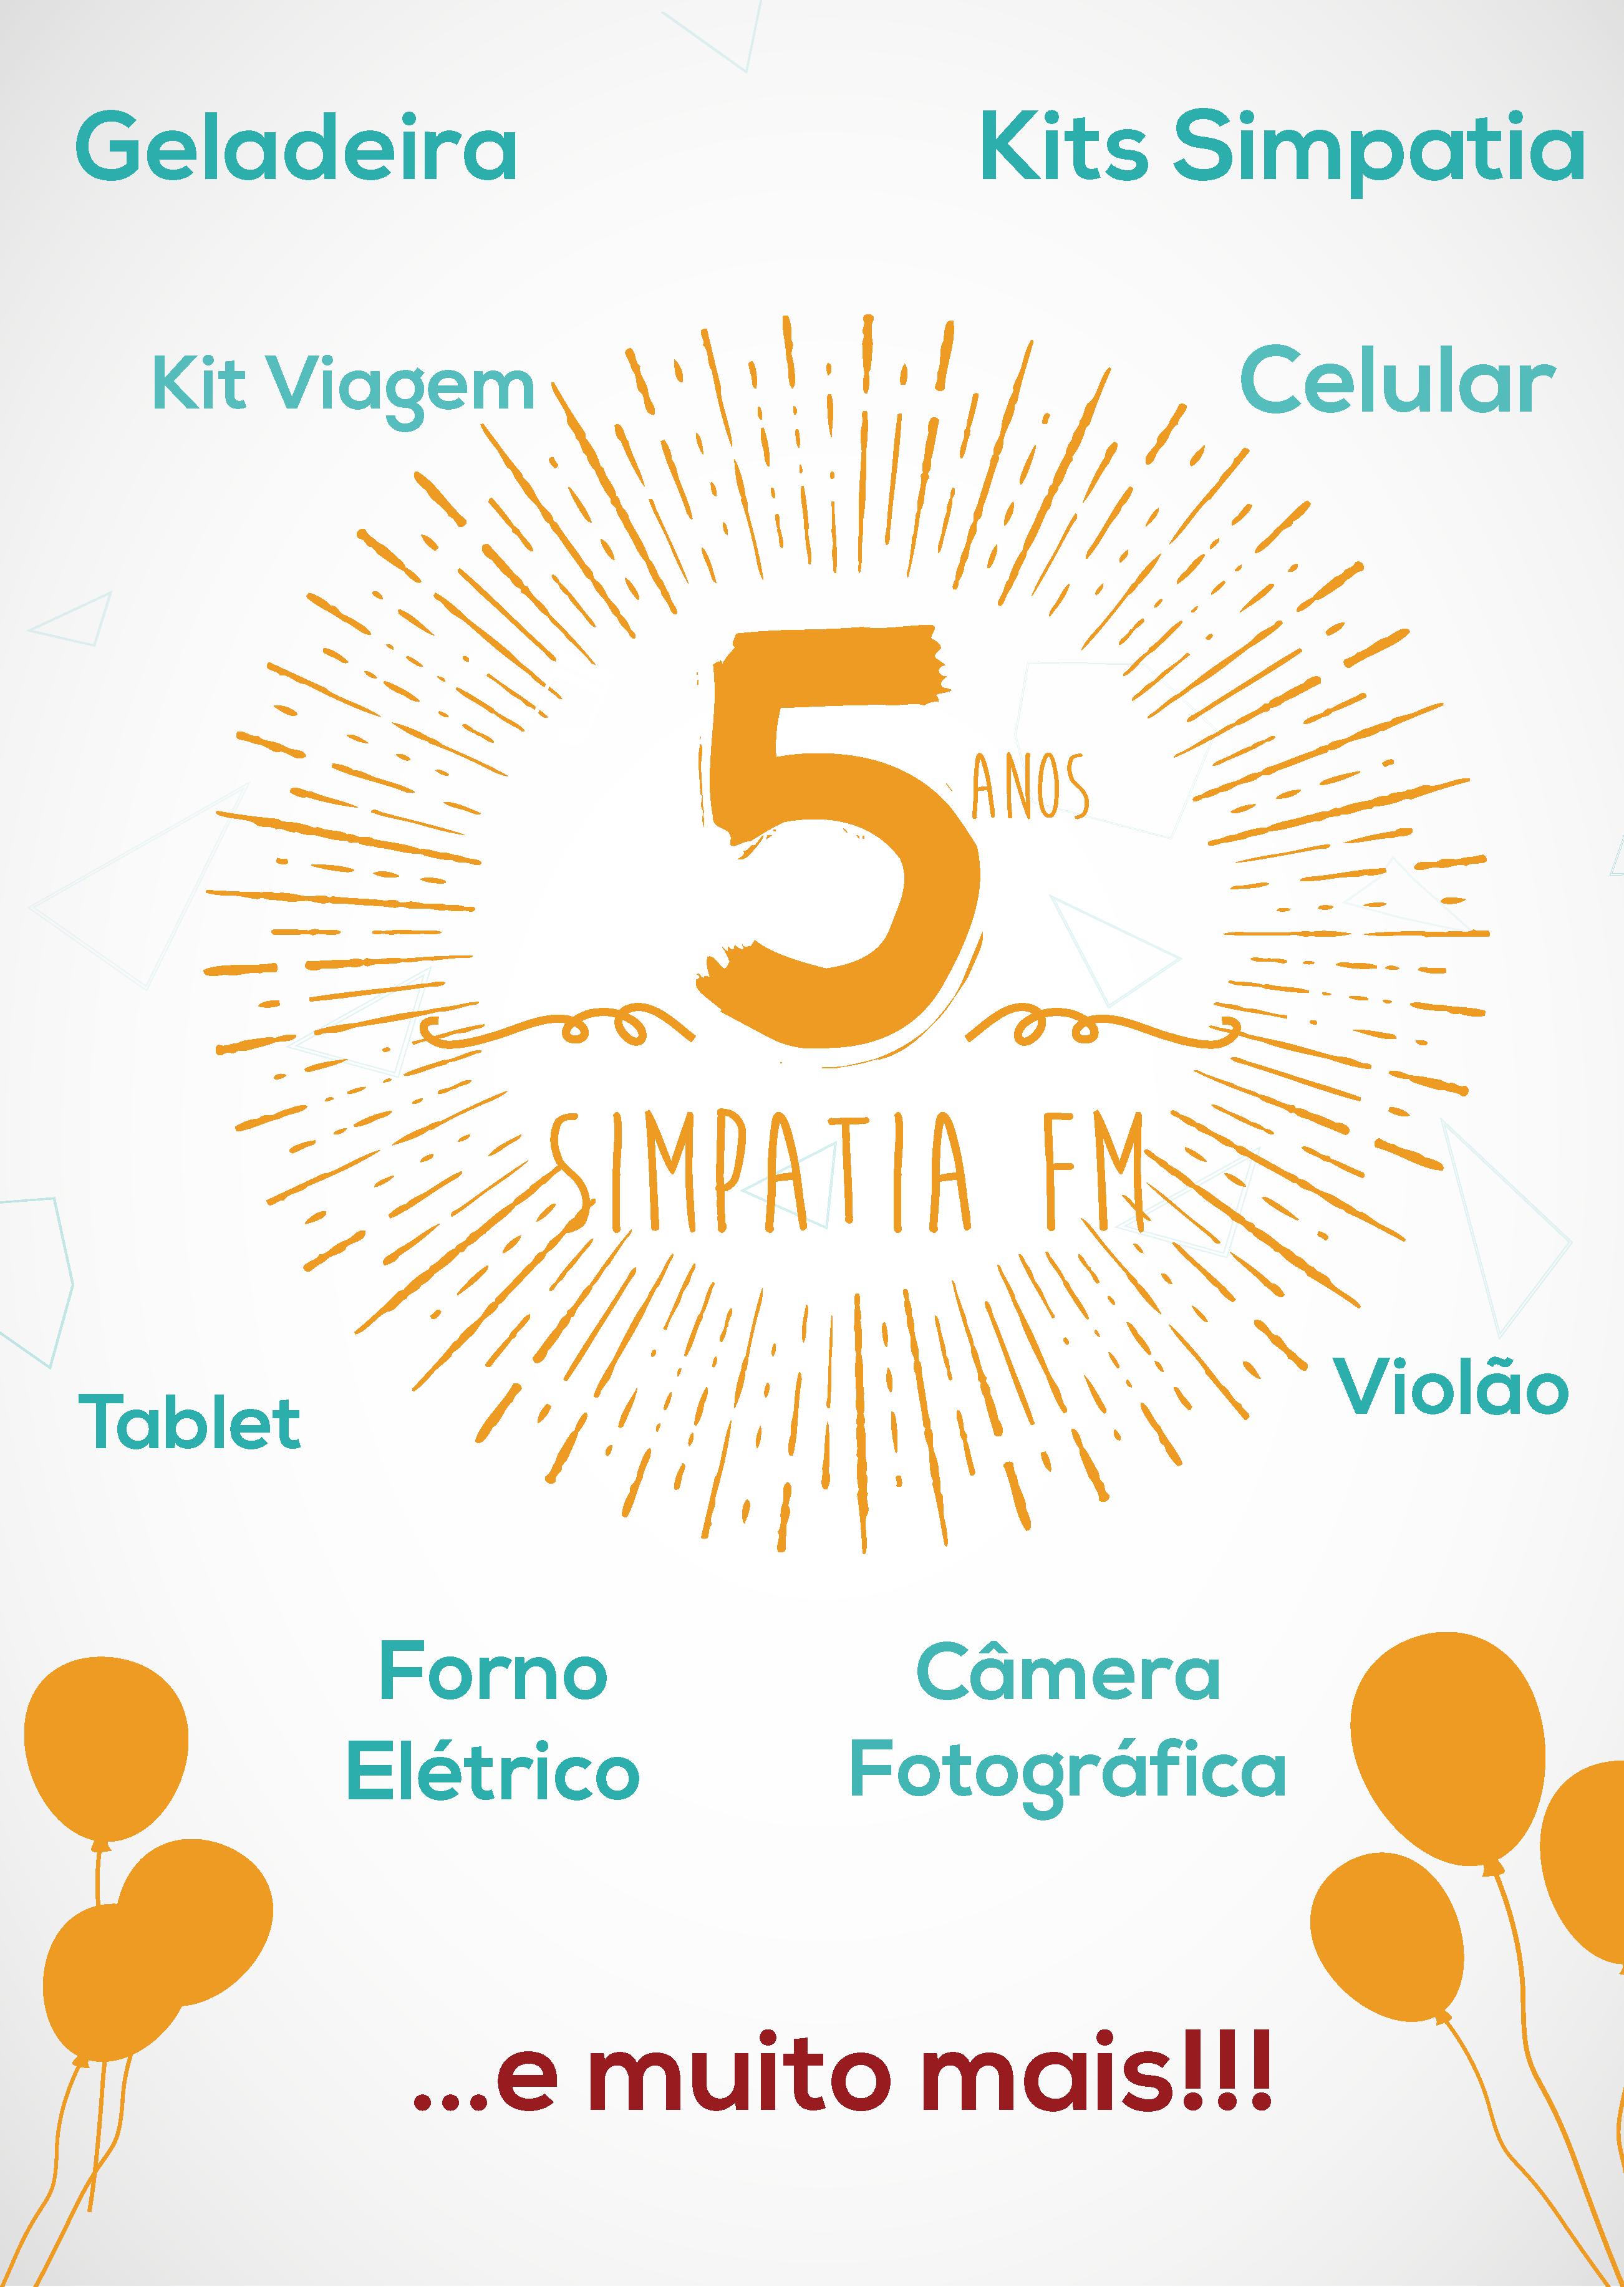 5 ANOS SIMPATIA